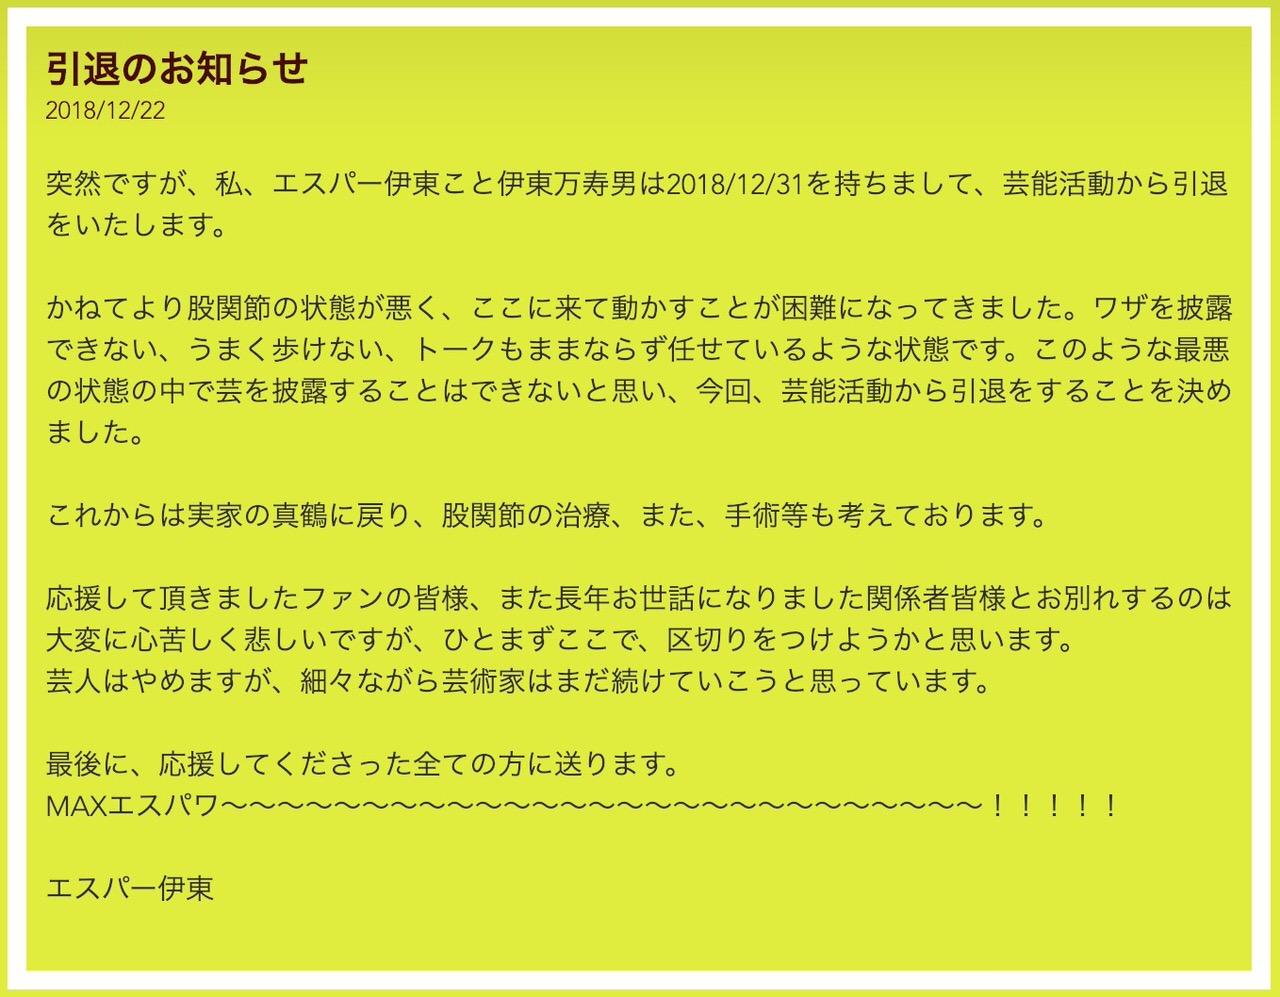 エスパー伊東、股関節の不調により芸能界引退を発表